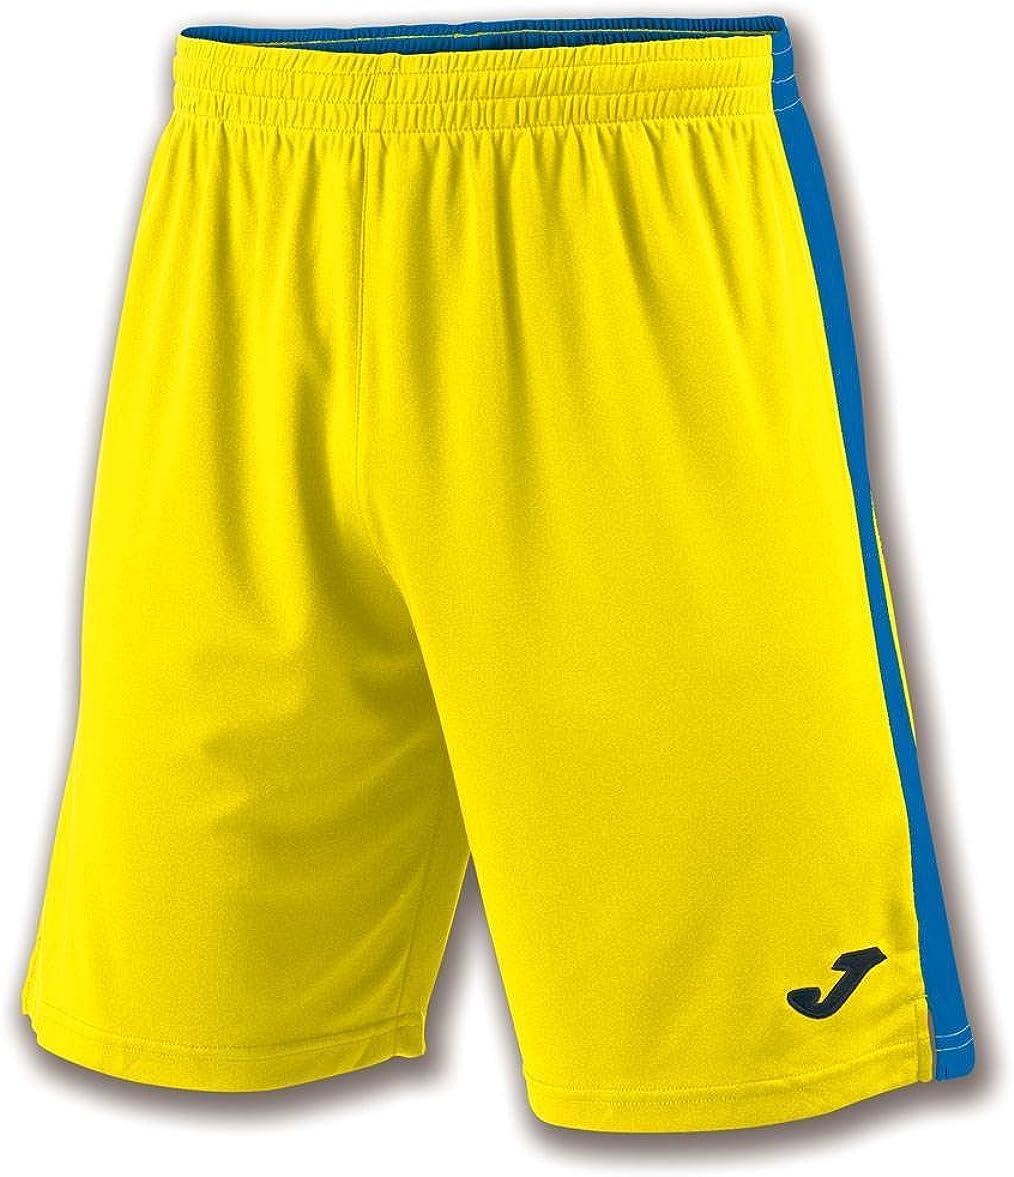 Joma Tokio II Pantalones Cortos, Hombre: Amazon.es: Ropa y accesorios